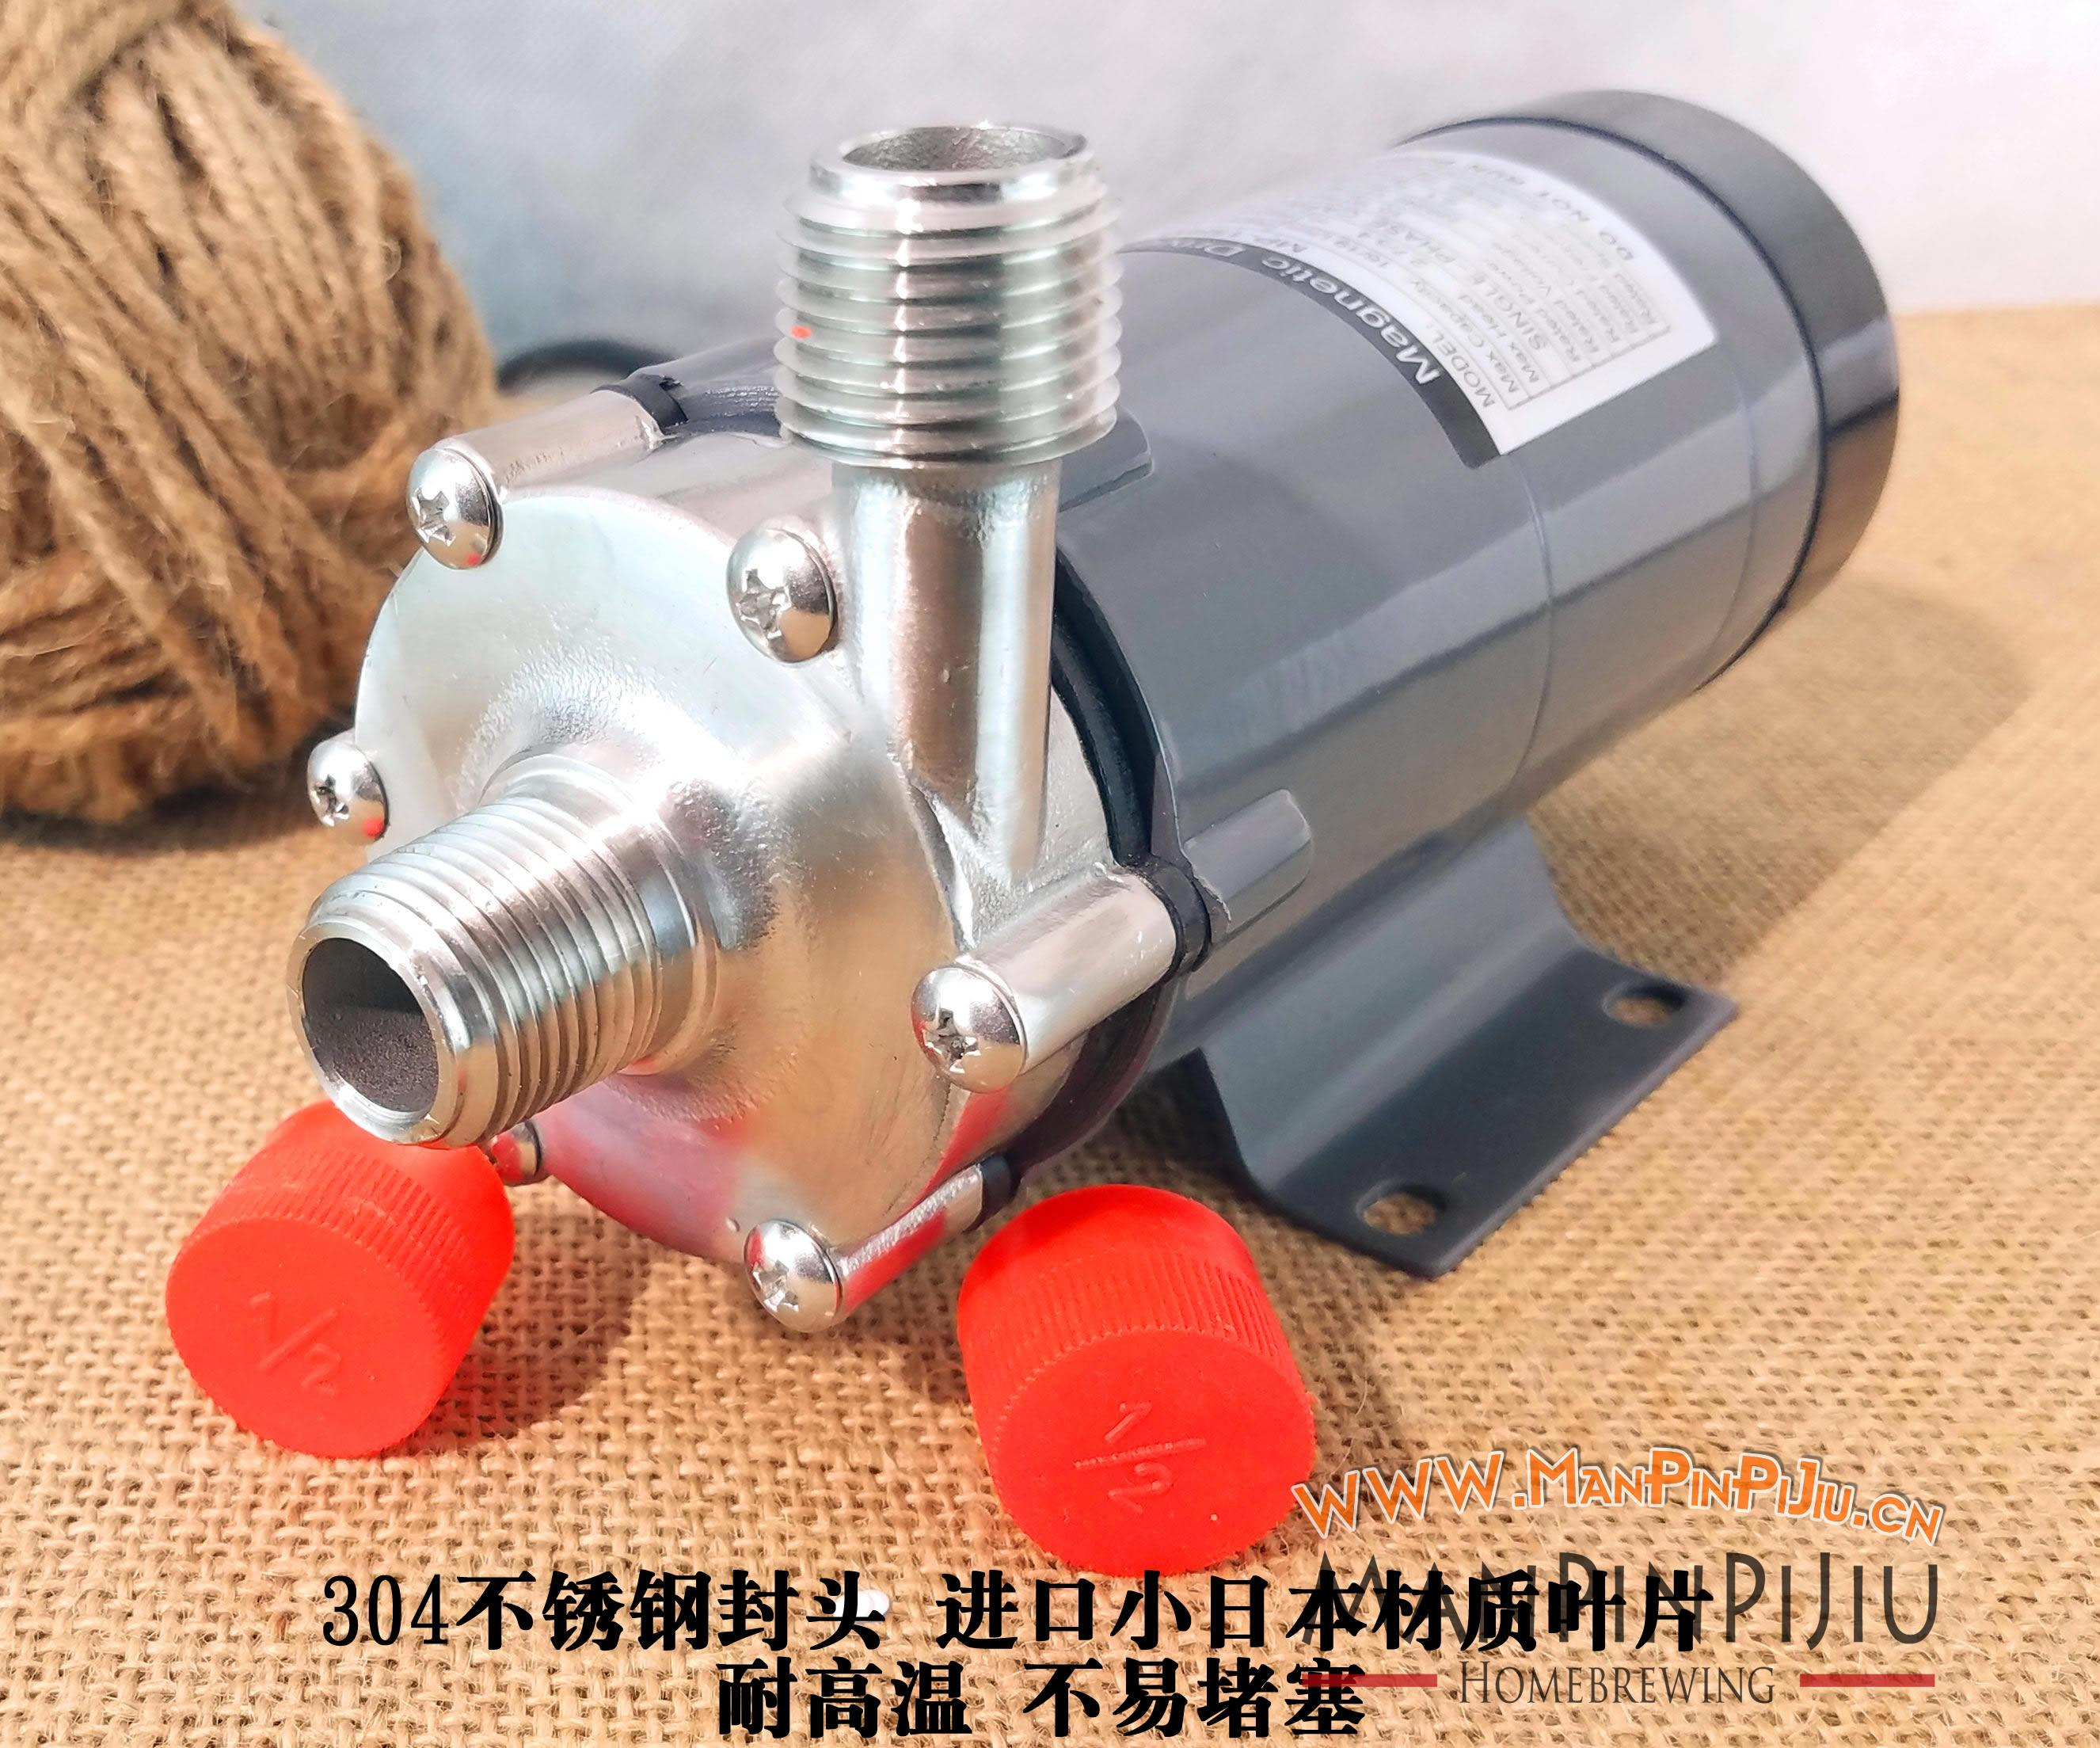 304 acier inoxydable tête magnétique pompe 15R Homebrew, qualité alimentaire haute température résistant 140C bière magnétique entraînement pompe maison brassage